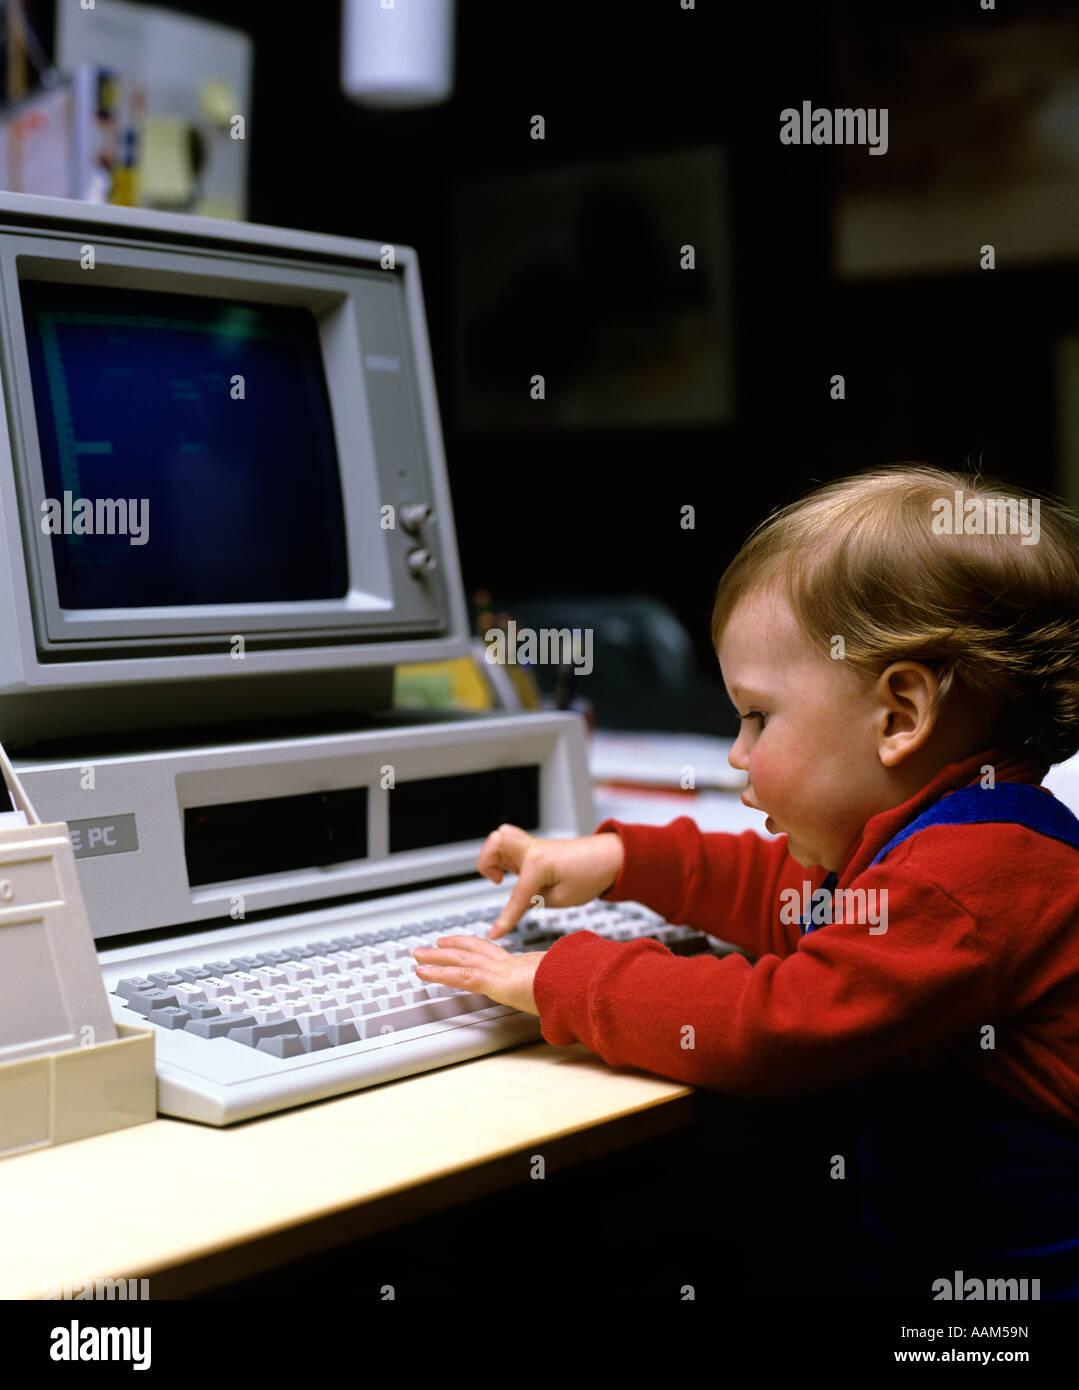 1980 JEUNE ENFANT Garçon Fille jouant avec début de l'ordinateur IBM PC EN APPUYANT SUR LA TOUCHE AU CLAVIER Banque D'Images